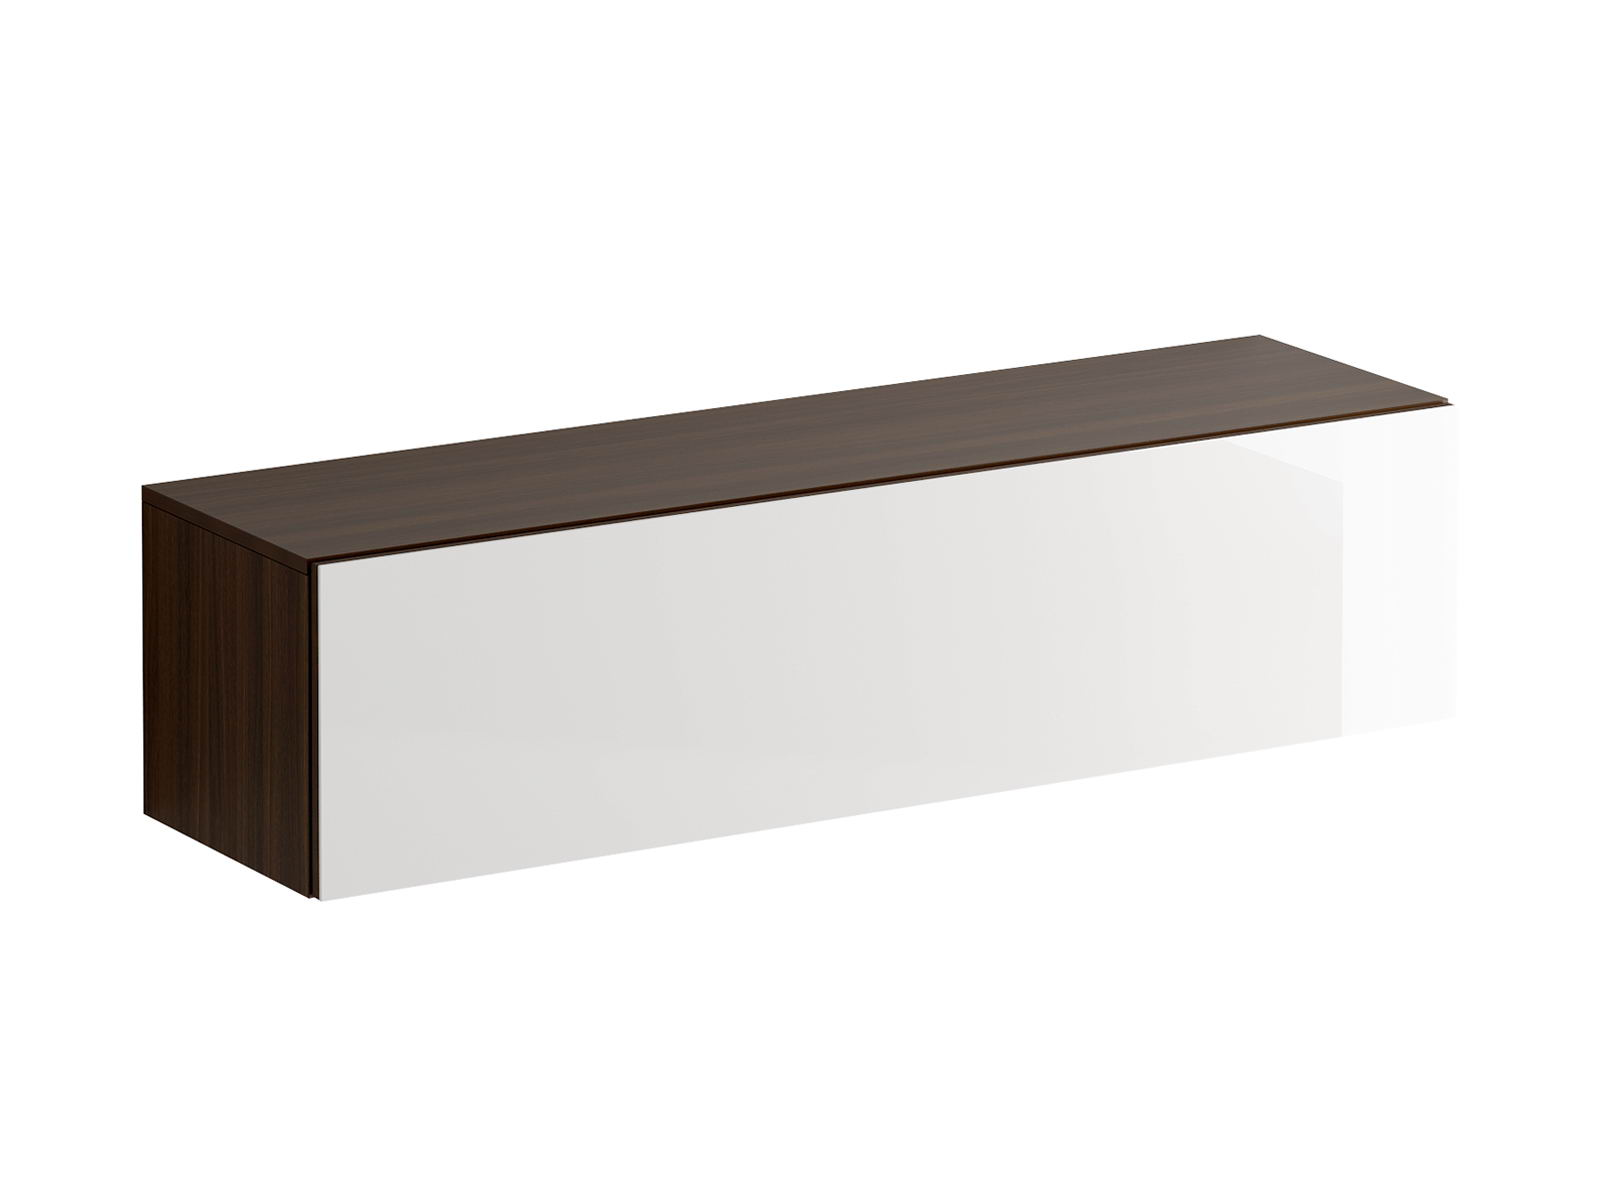 Шкаф навесной GustoШкафы<br>Шкаф имеет два отделения, образованные вертикальной перегородкой. Откидная дверь открывается по принципу «нажал-открыл». Задняя стенка черного цвета.<br>